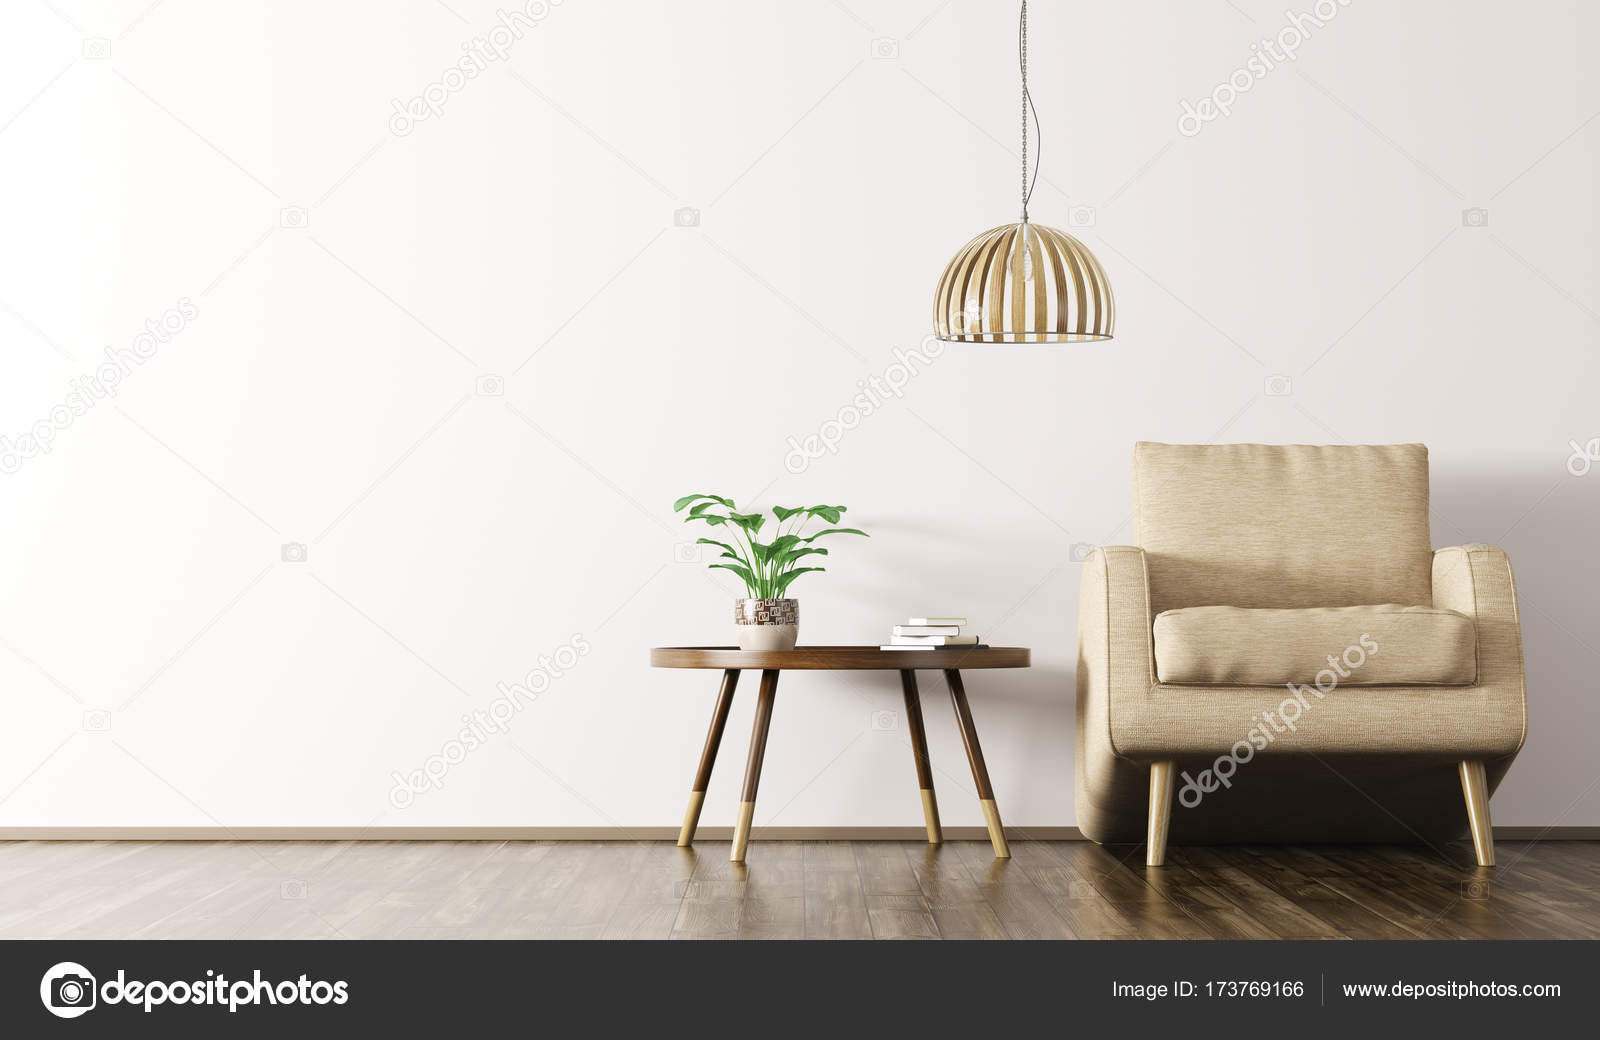 Full Size of Ikea Wohnzimmer Lampe Lampenschirm Leuchten Lampen Uber Couchtisch Interieur Des Zimmers Mit Sessel Und Scha C2 Schrank Esstisch Dekoration Teppich Badezimmer Wohnzimmer Ikea Wohnzimmer Lampe